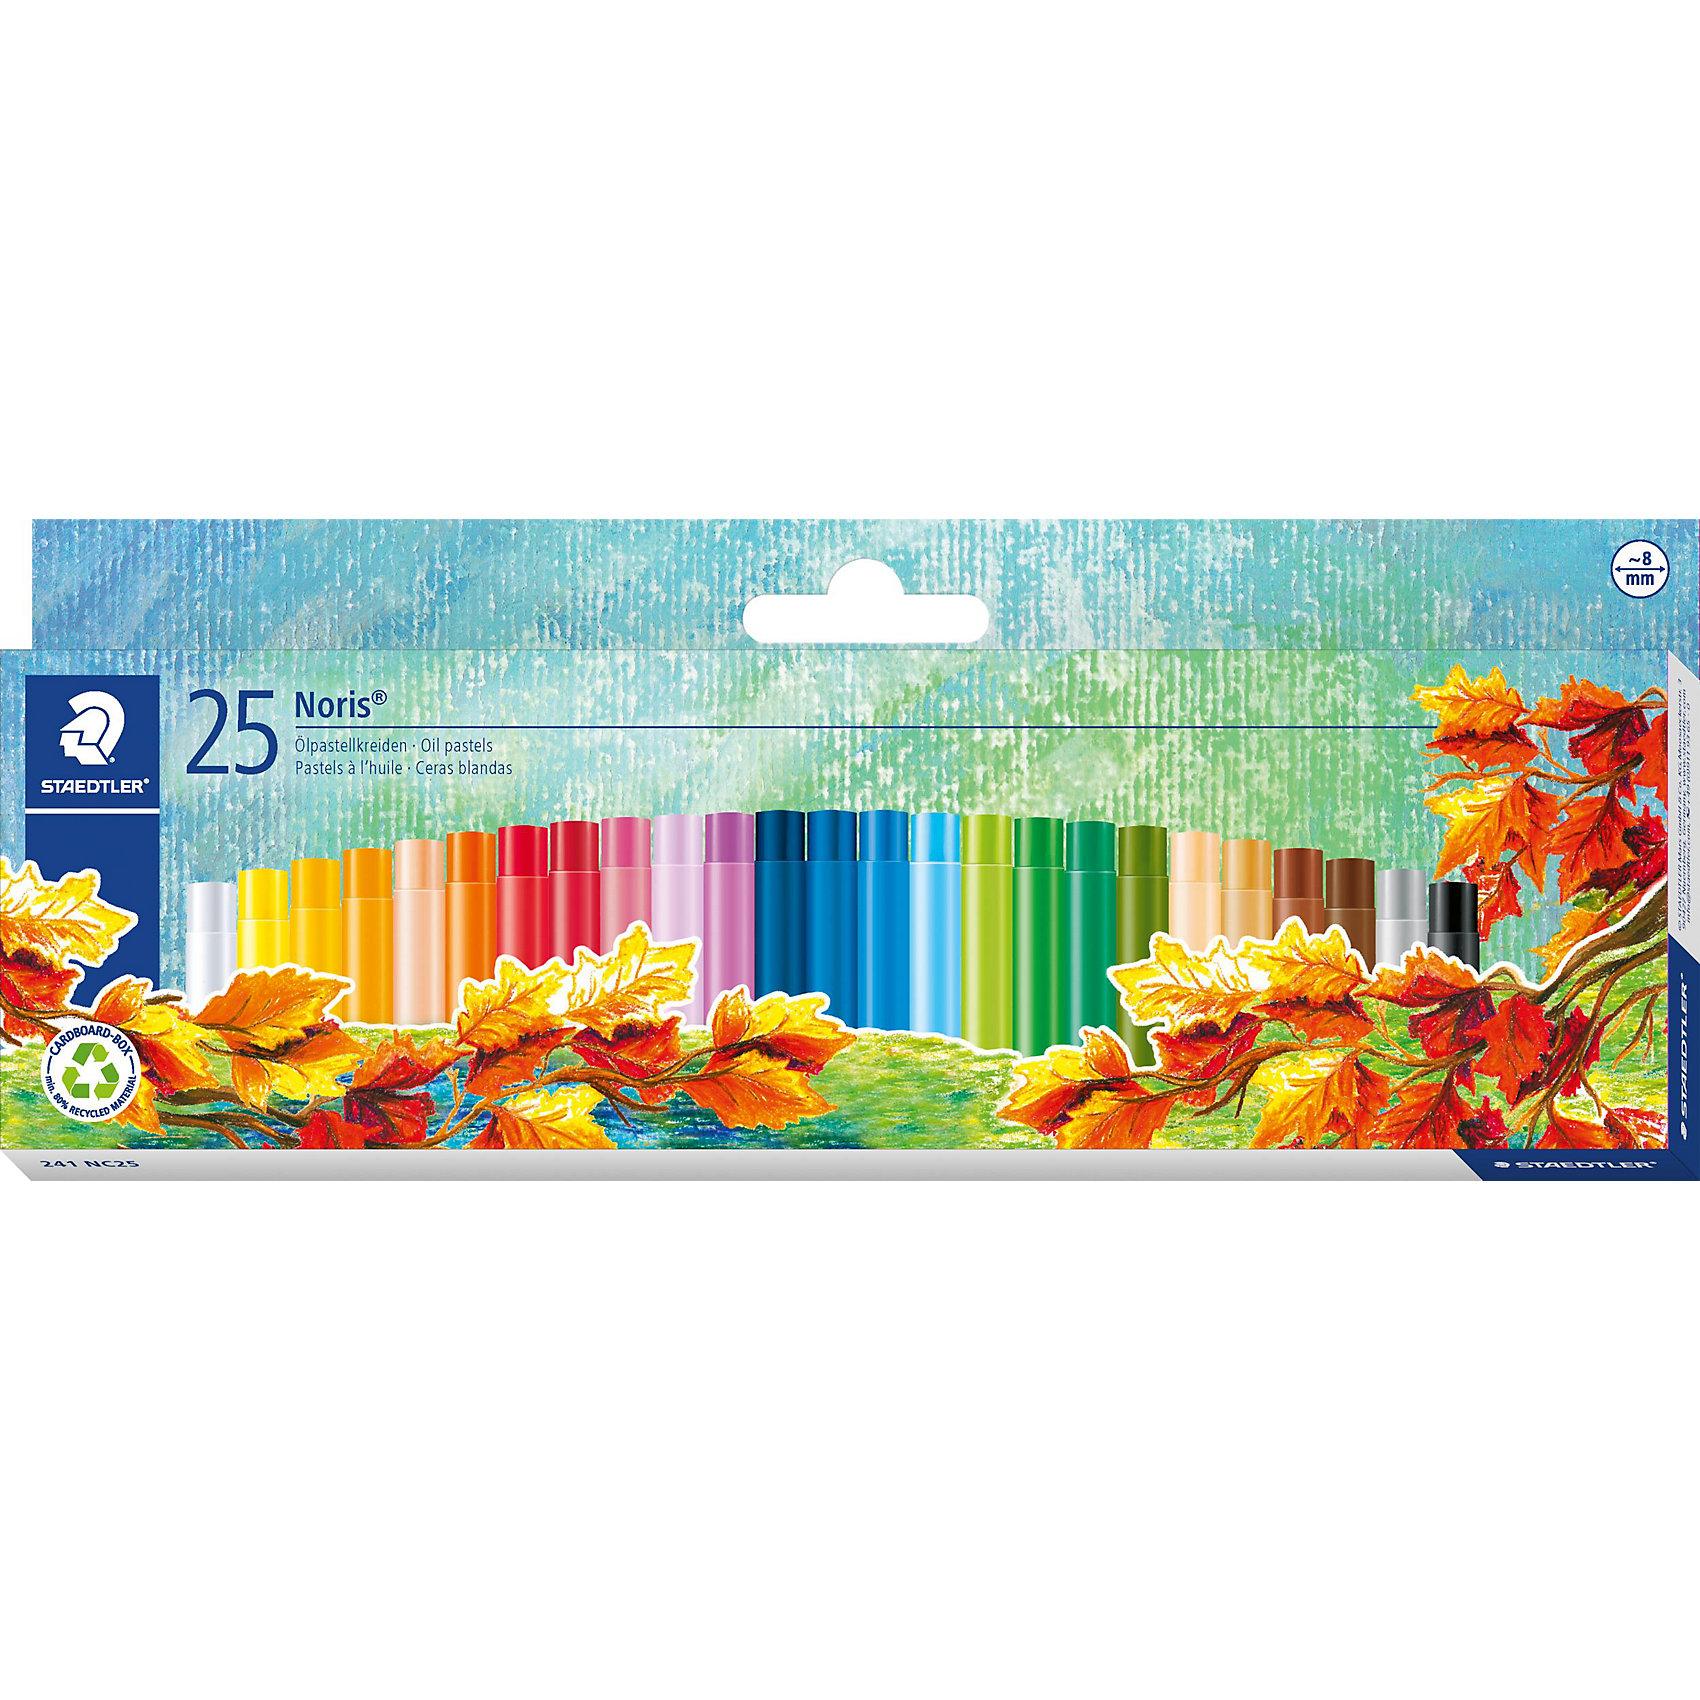 Масляная пастель NorisClub, 24 цв.Рисование<br>Пастель масляная Noris Club, набор 25 цветов. Картонная упаковка. Подходит для рисования, перекрытия цвета и техники процарапывания. Держится на всех гладких поверхностях. Высокая устойчивость к поломке. Бумажная манжетка с полем для имени. Яркие цвета.<br><br>Ширина мм: 256<br>Глубина мм: 101<br>Высота мм: 20<br>Вес г: 168<br>Возраст от месяцев: 60<br>Возраст до месяцев: 120<br>Пол: Унисекс<br>Возраст: Детский<br>SKU: 3797327